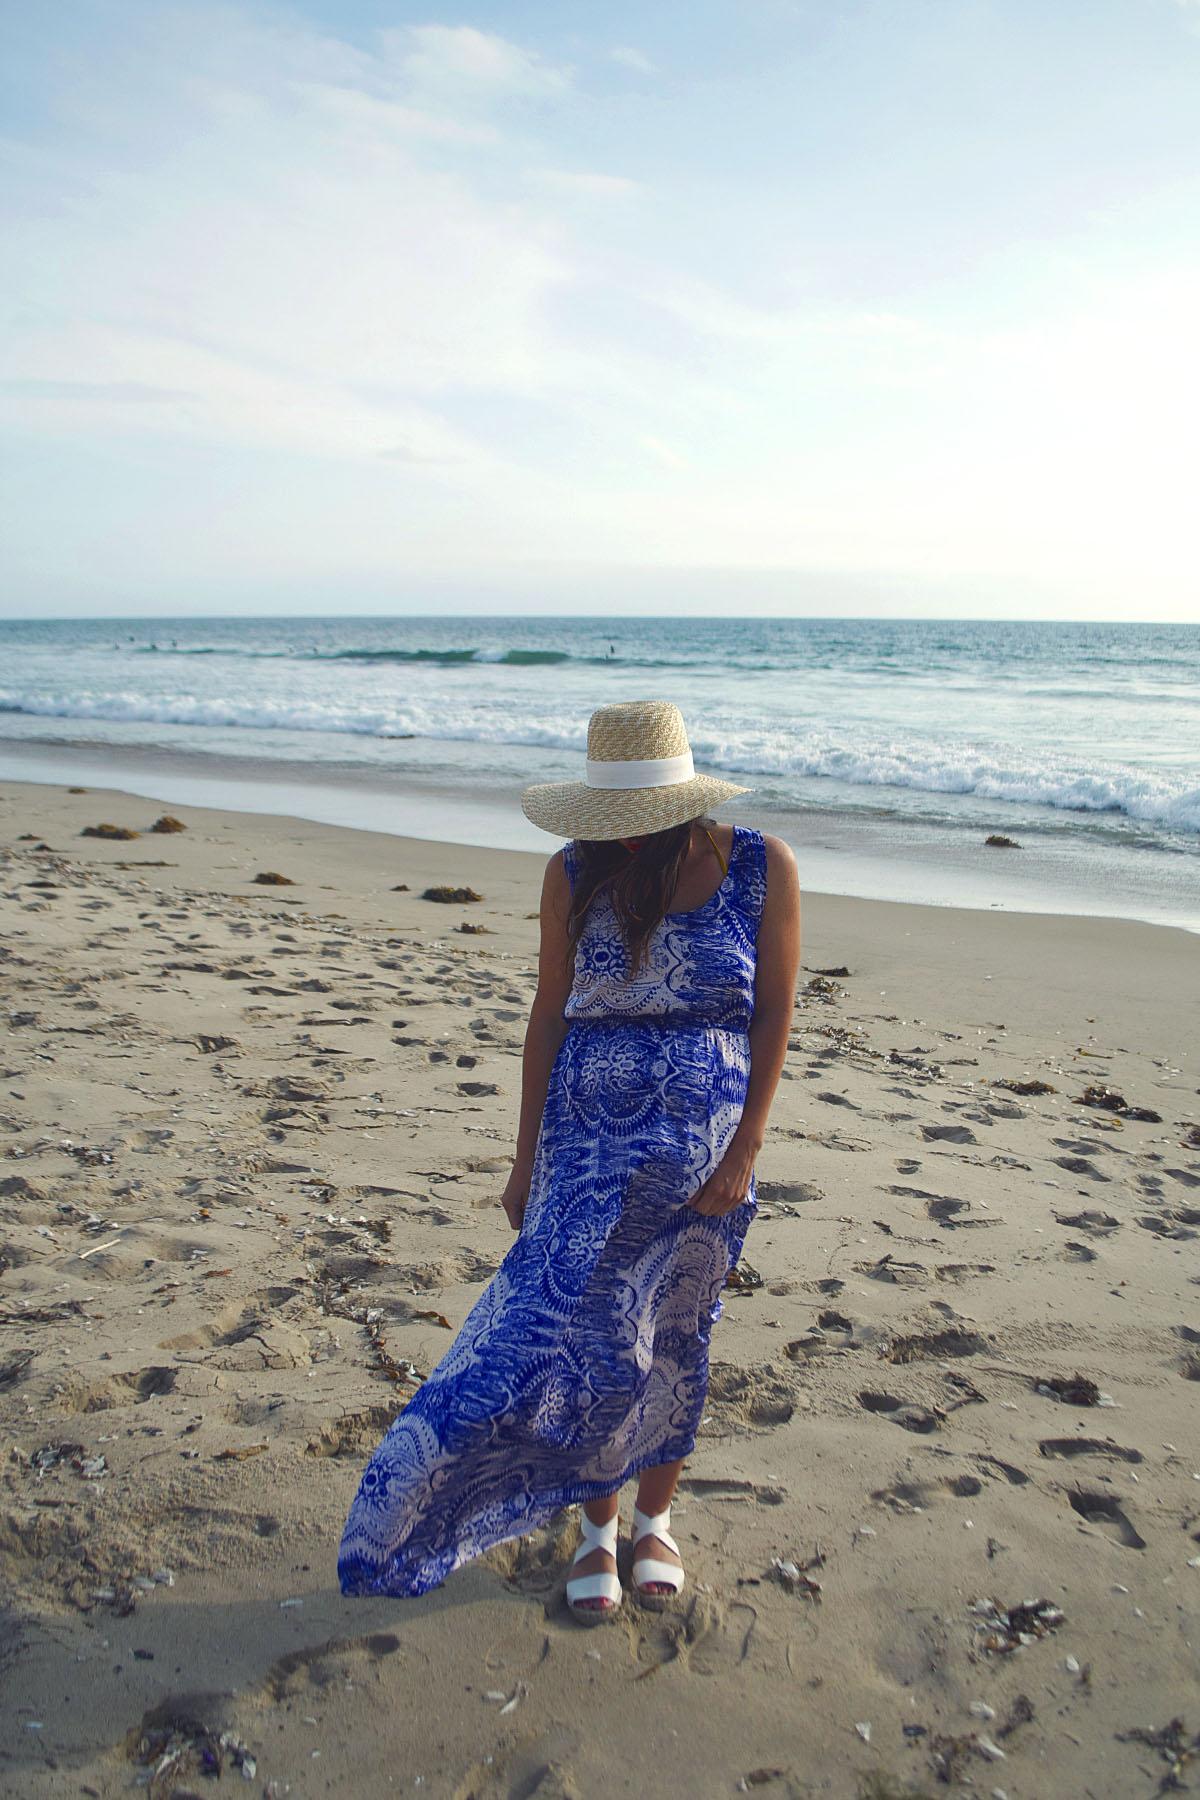 beach_10.jpg